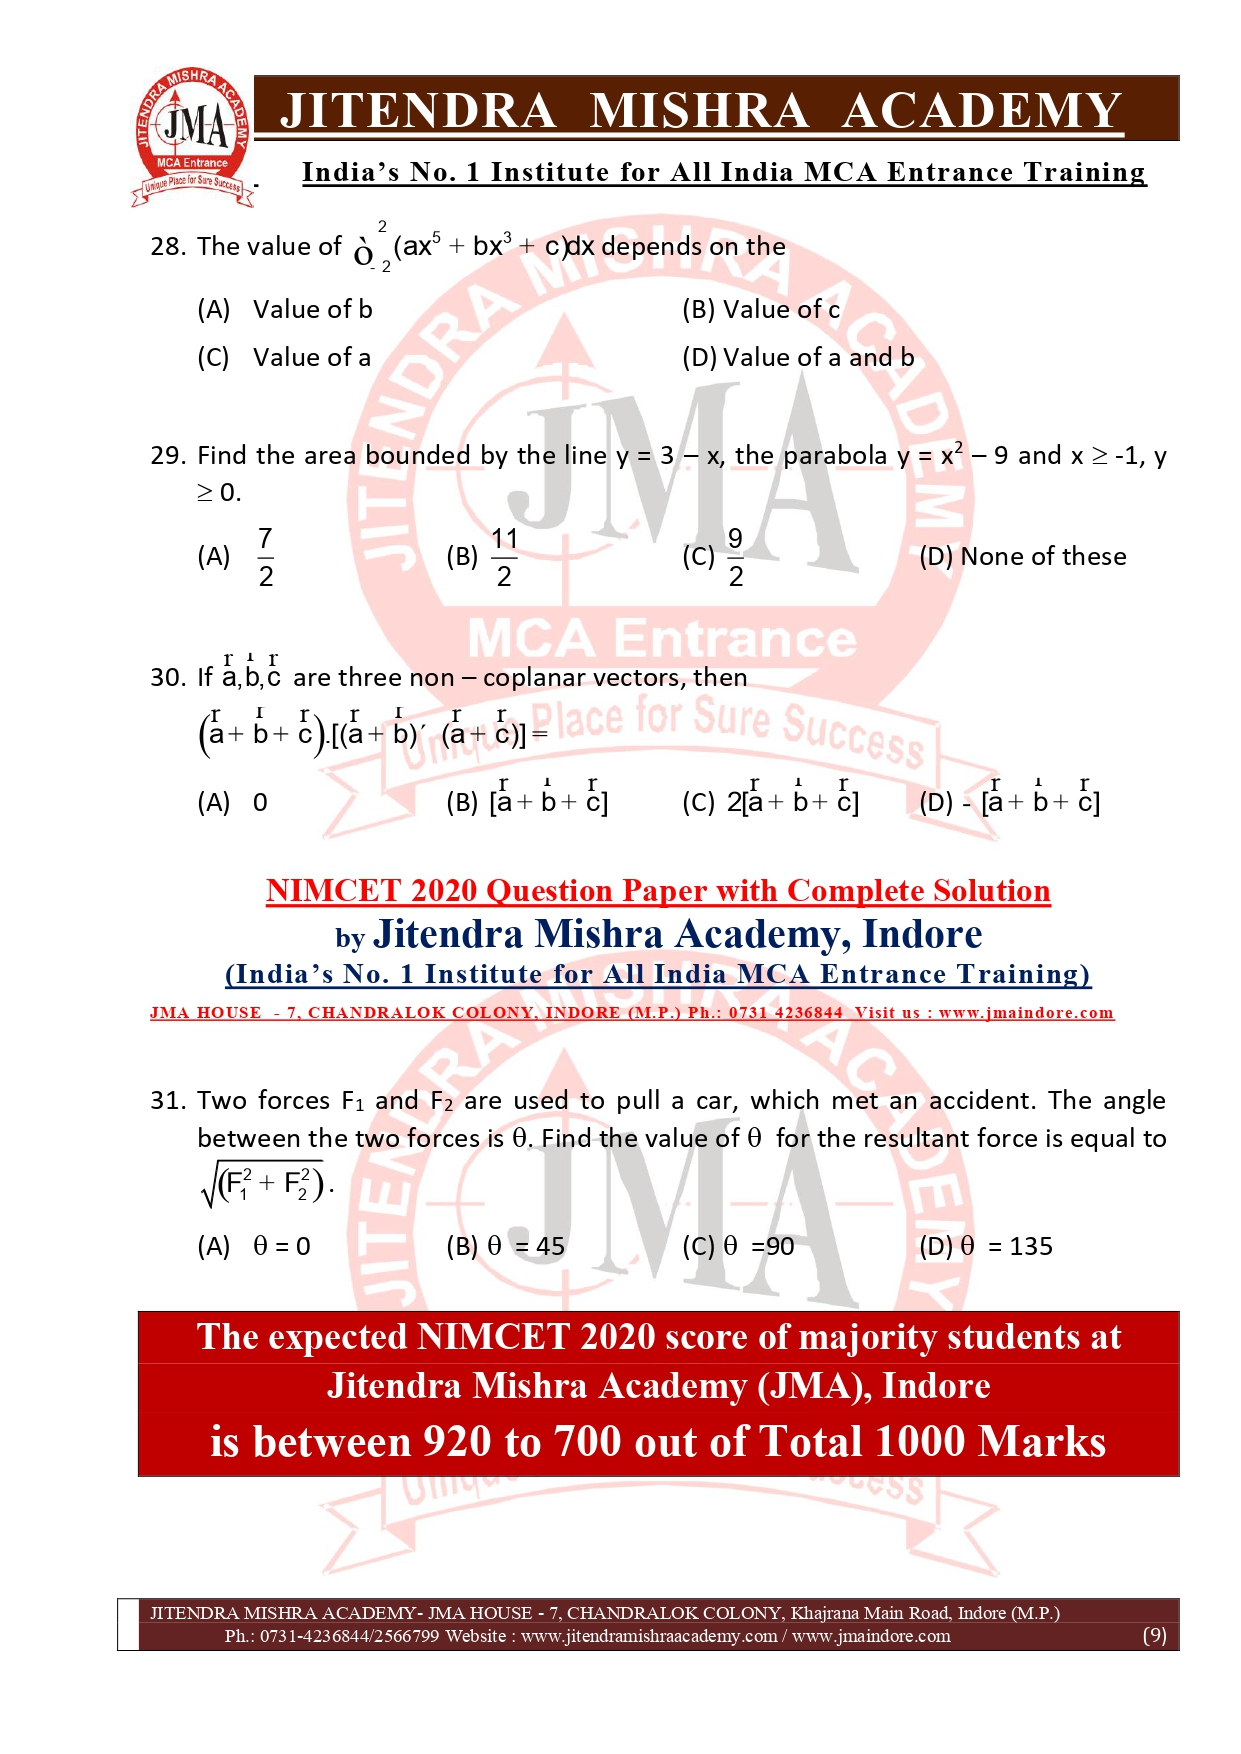 NIMCET 2020 QUESTION PAPER (FINAL)_page-0009